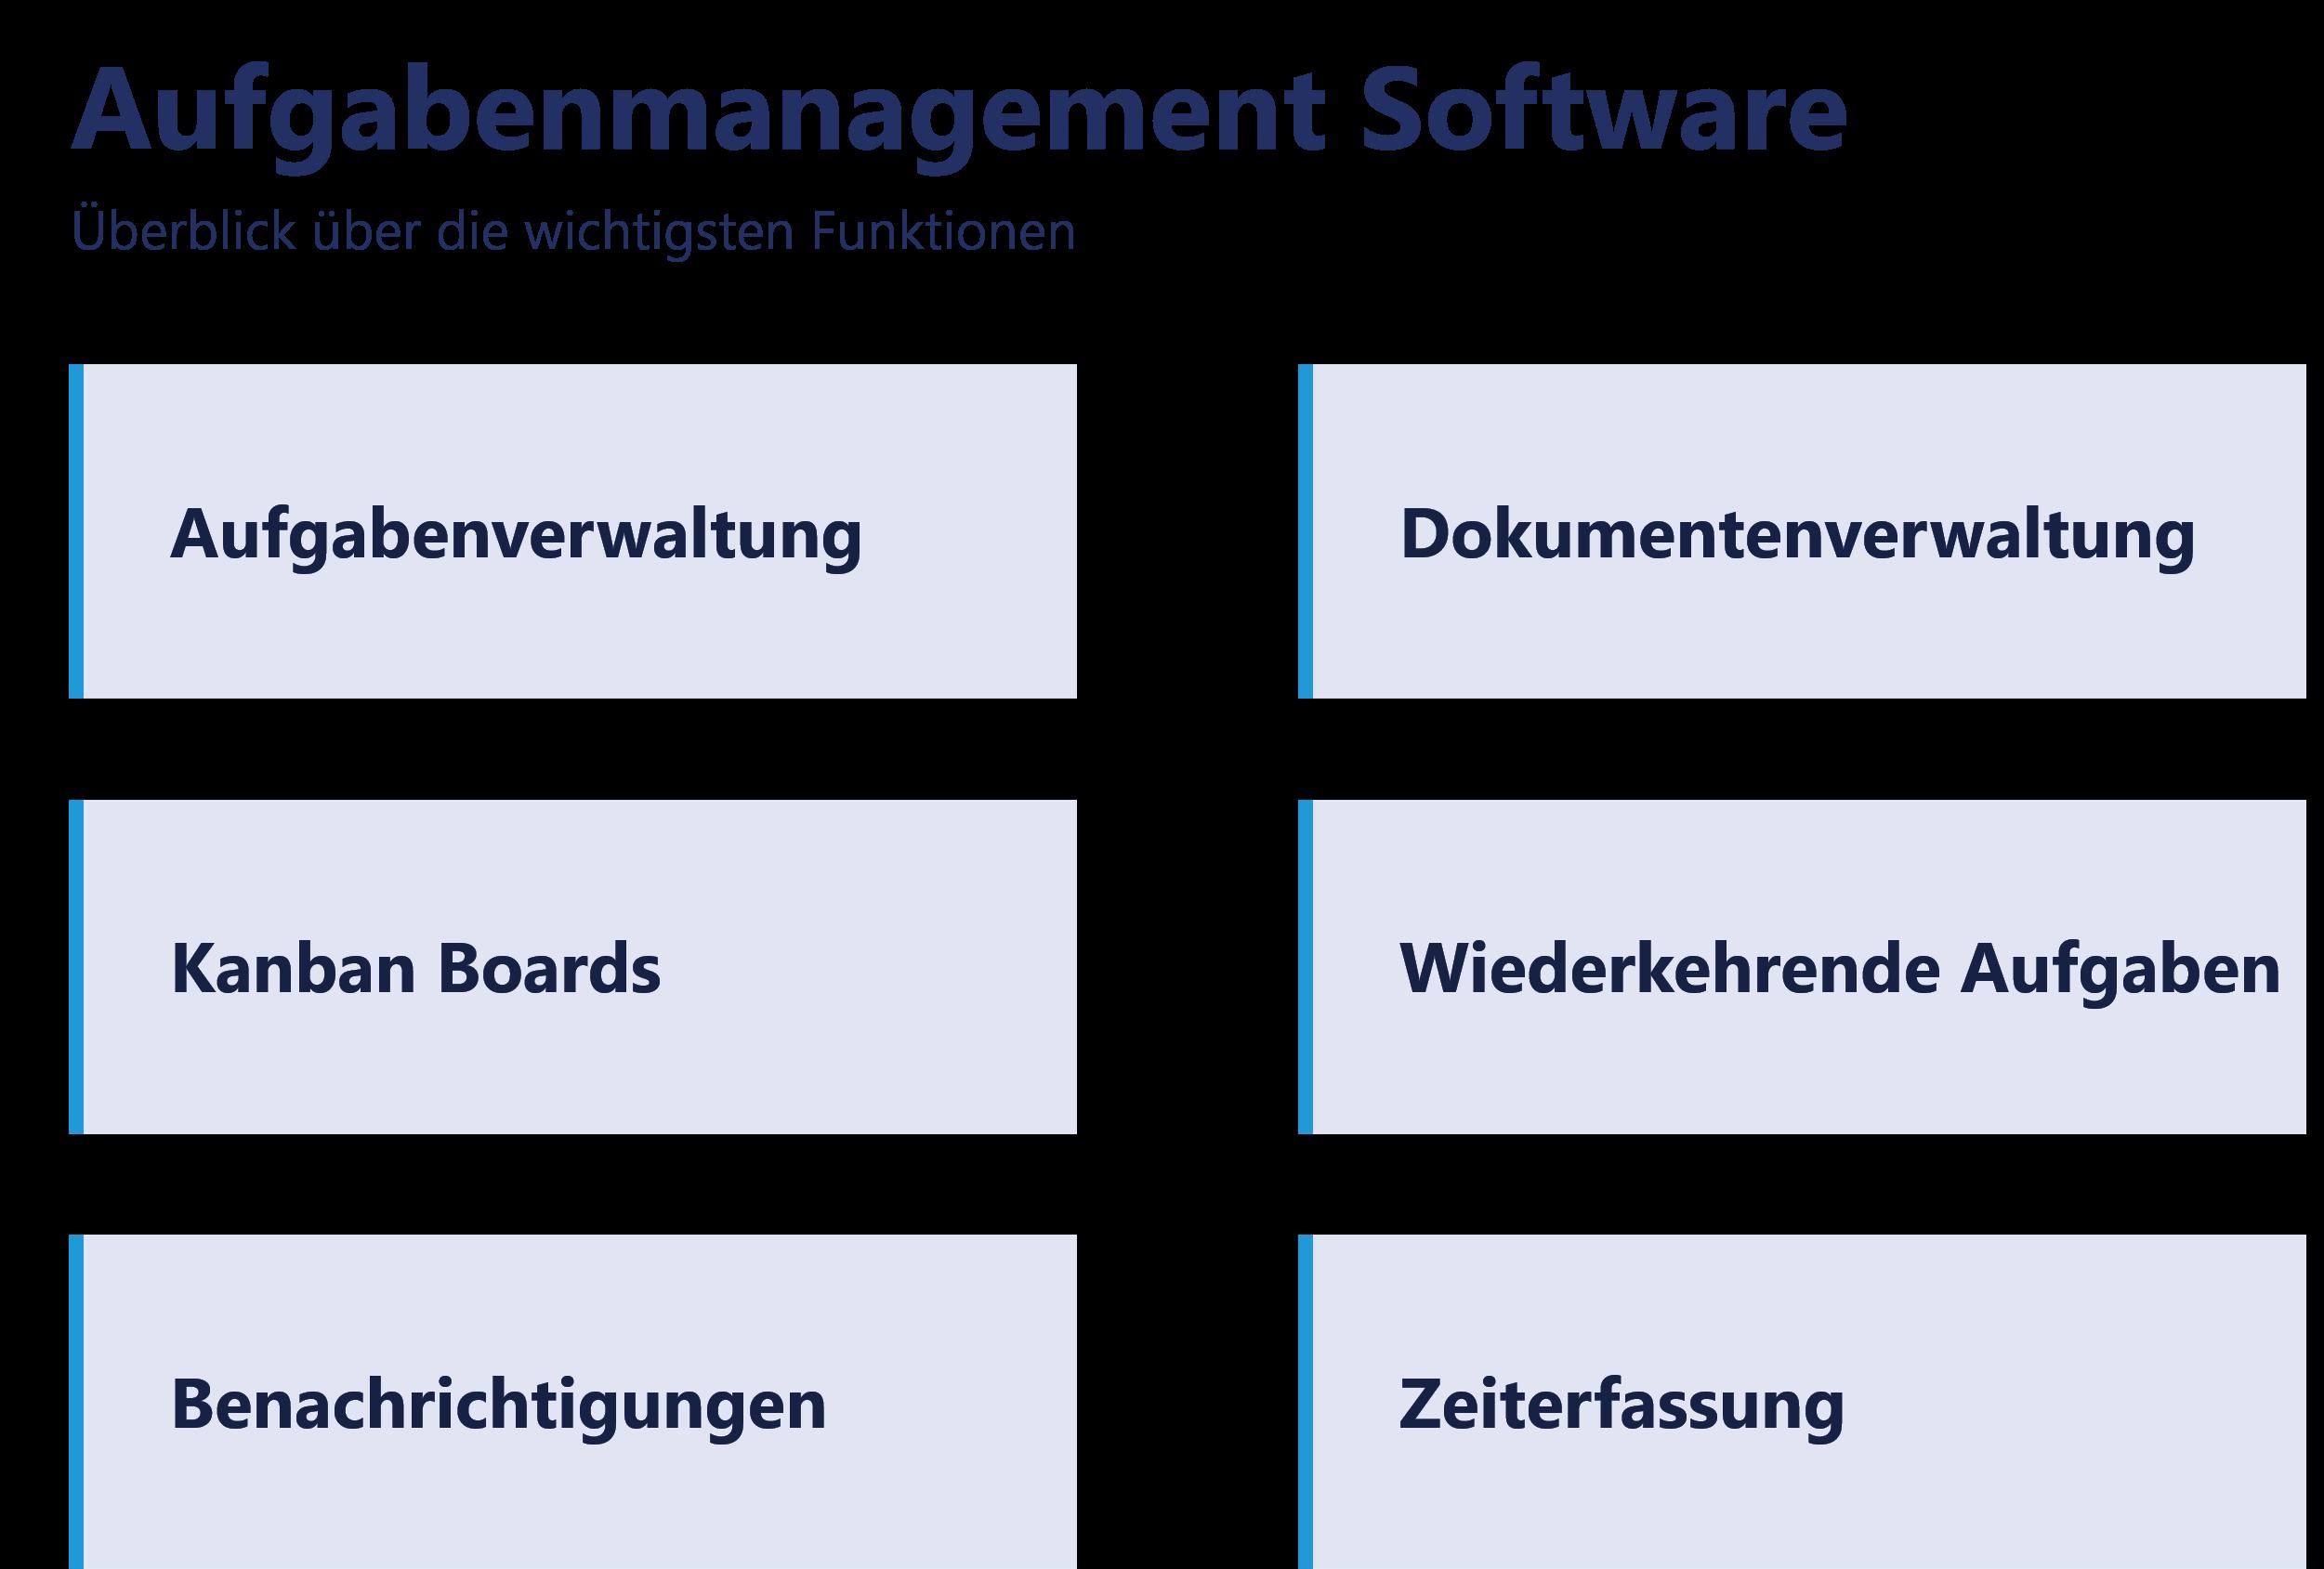 Aufgabenverwaltung Software - Wichtige Funktionen